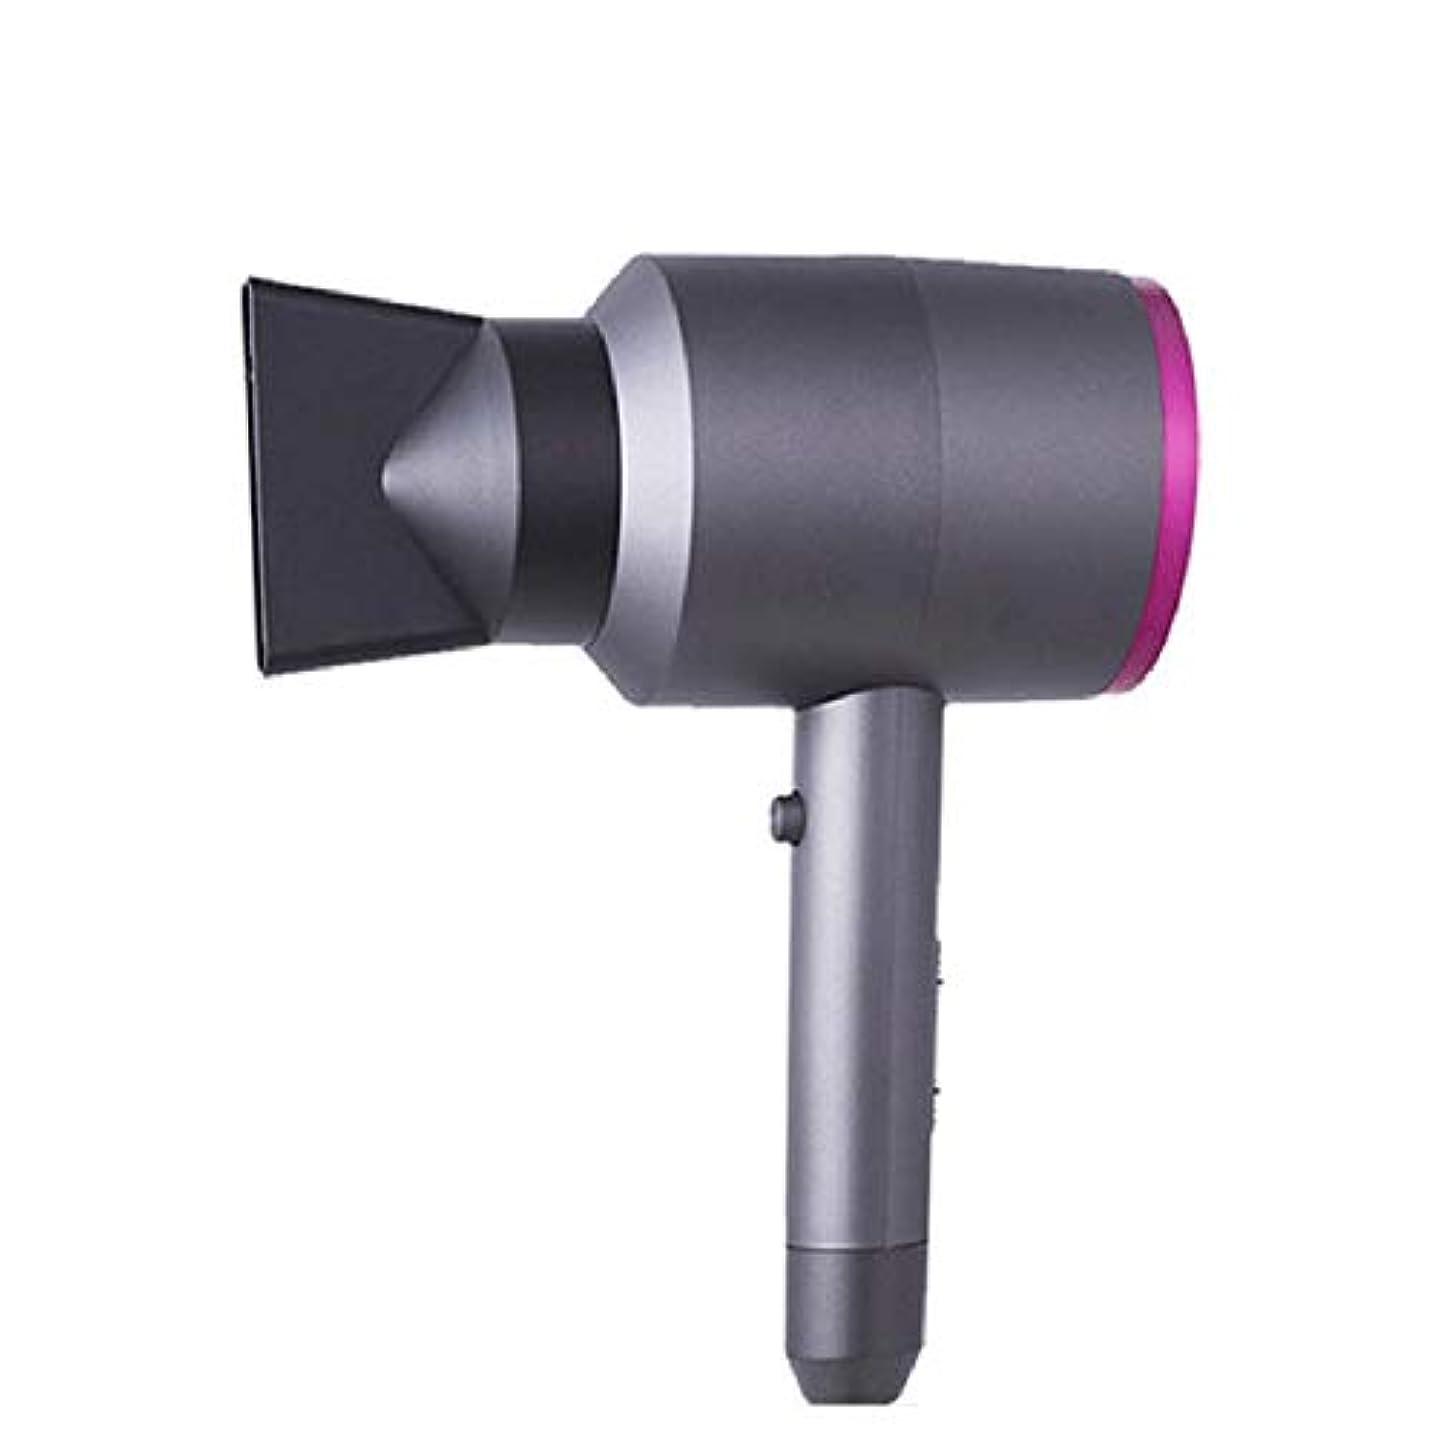 平和バスタブヒュームディフューザーイオン調整付き1600wプロフェッショナルヘアドライヤー-一定温度は髪を傷つけません、強力で速いヘアドライヤーブロードライヤーモーター加熱冷熱風恒温ヘアケア